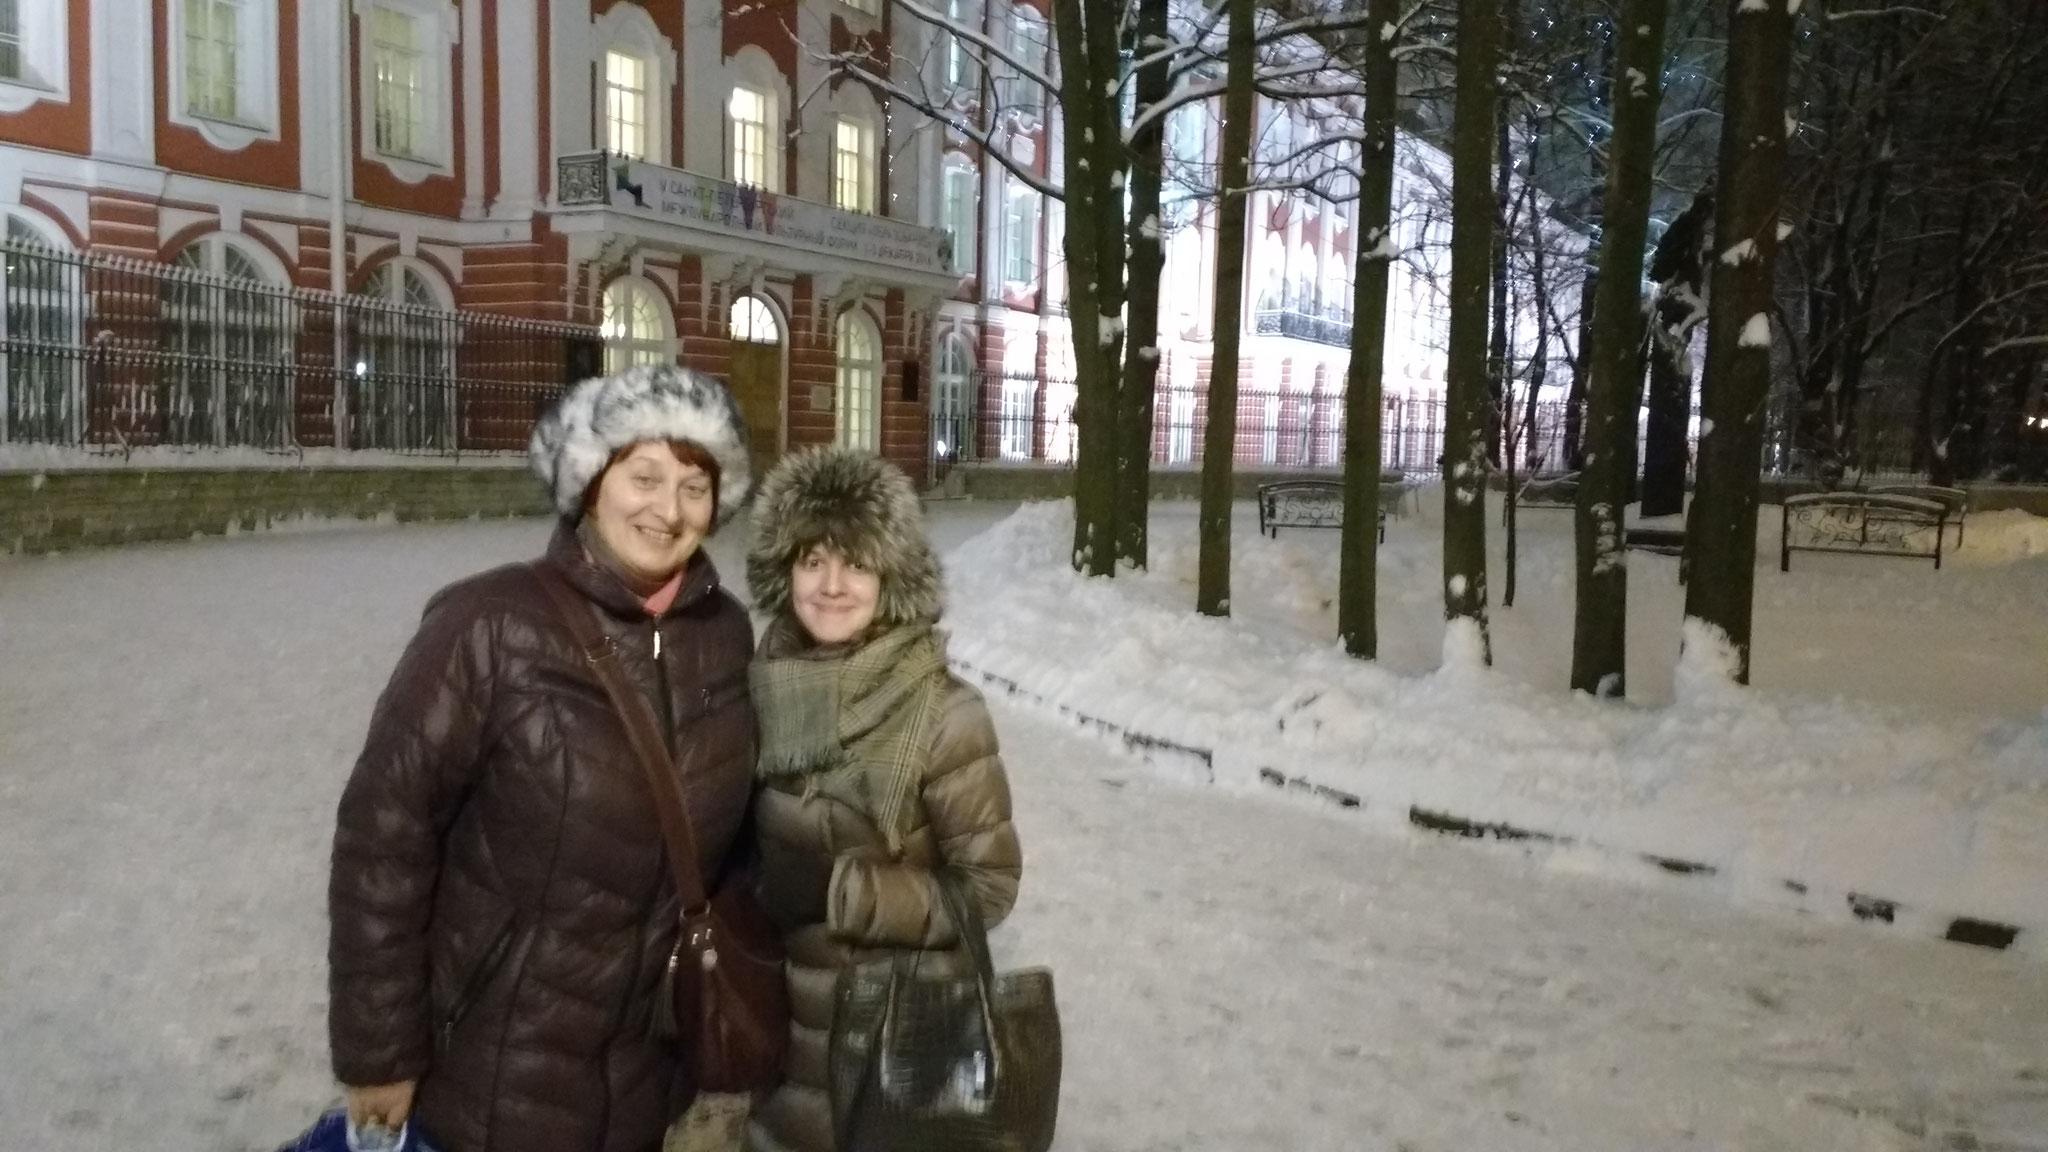 Lyudmila Milchakova (SPb Conservatoire) and Dasha (student) outside St Petersburg University.